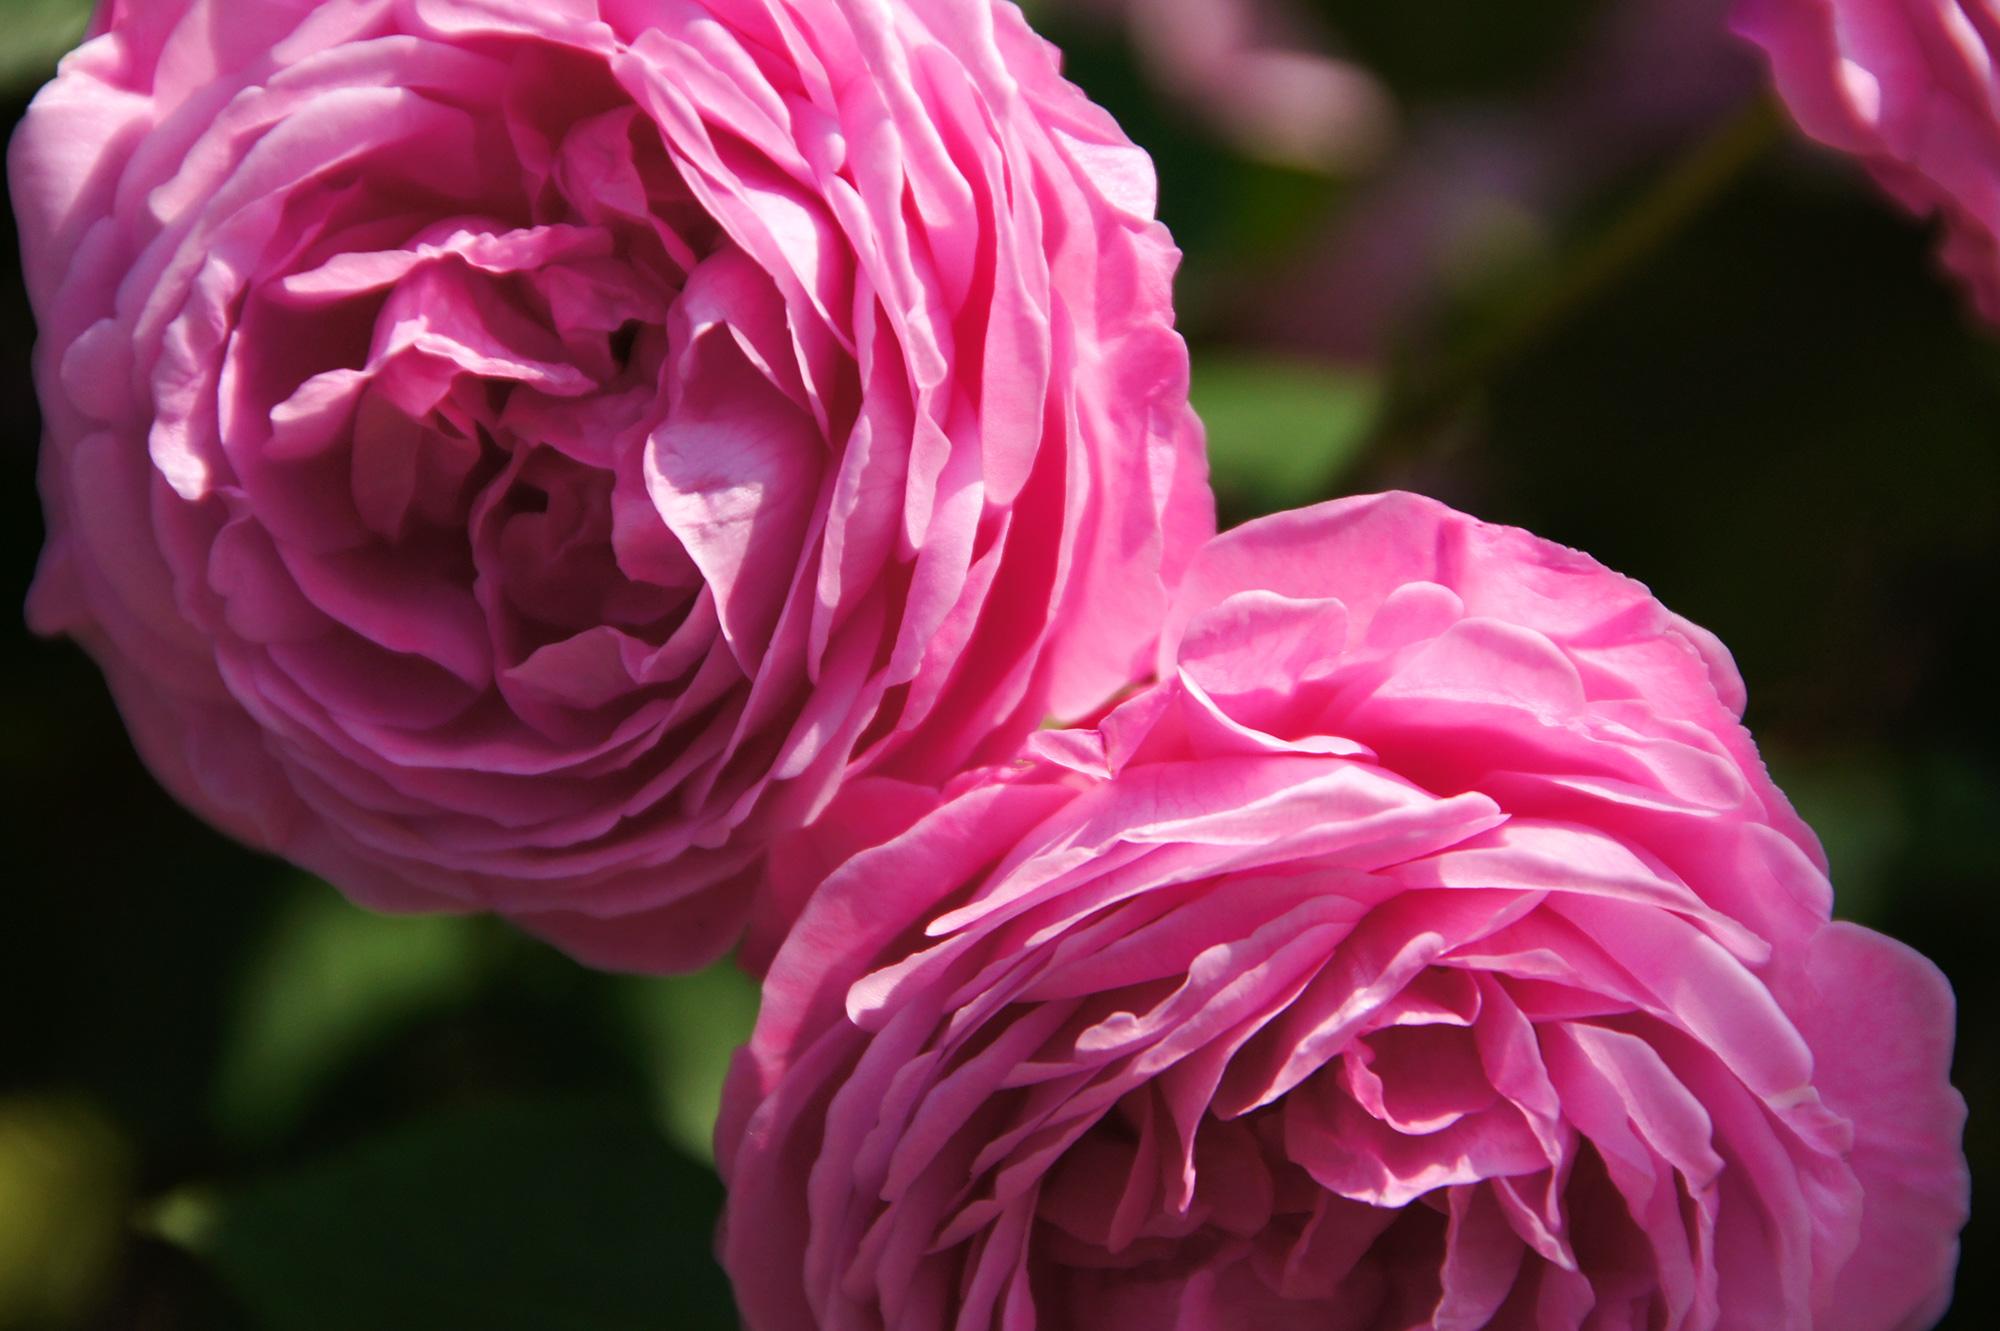 ピンク色の薔薇の花の無料写真素材